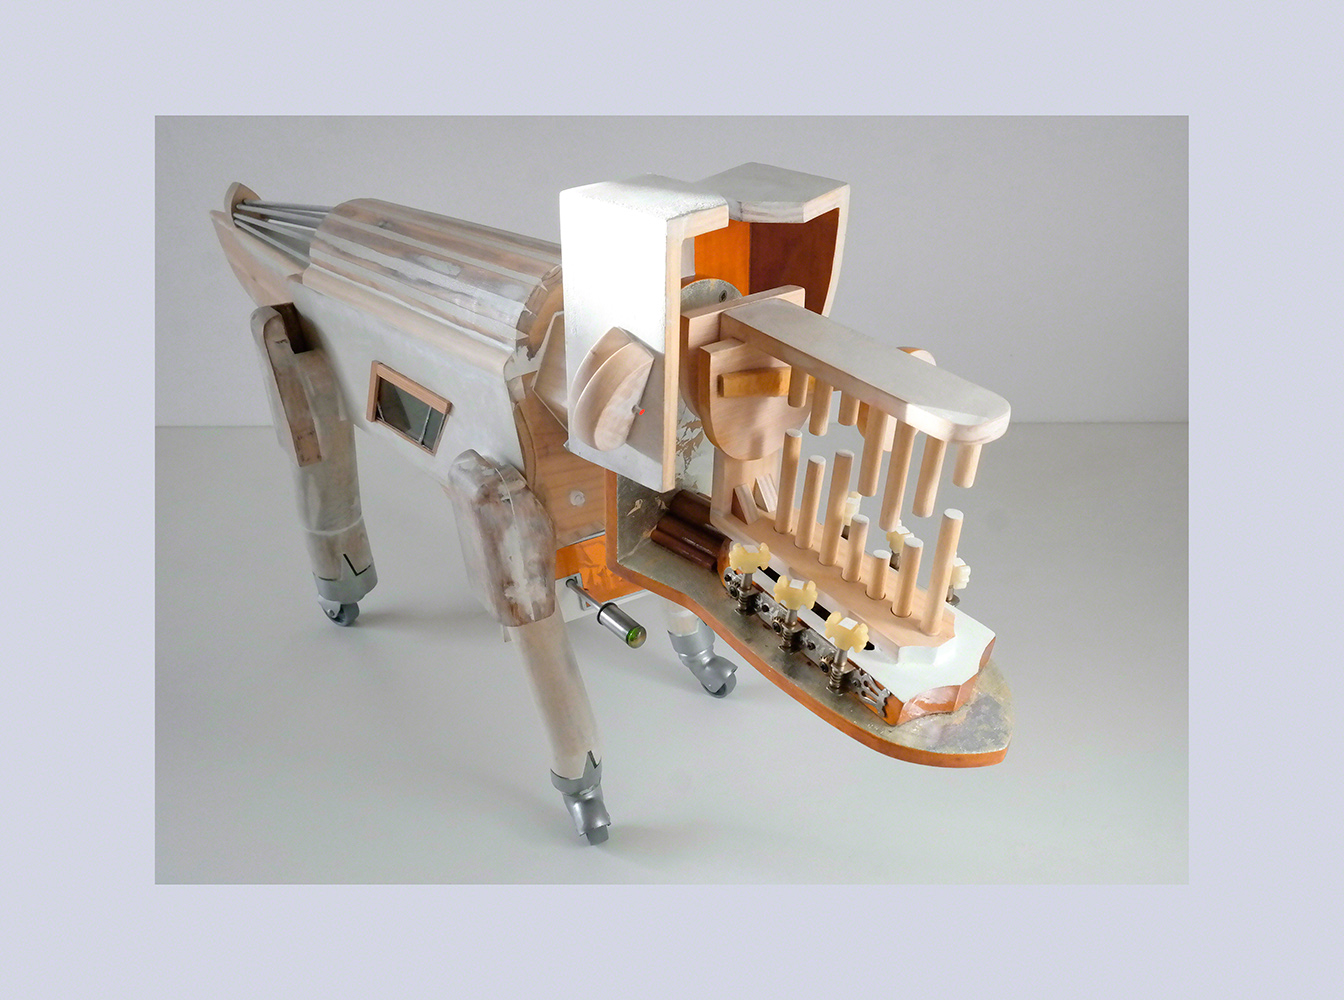 PERRODRILO C - 46x119x23 cm - Reciclaje y Ensamblado - Serie Animalario - Proyecto S.O.S.tenible - 2013 - Gata de Gorgos.